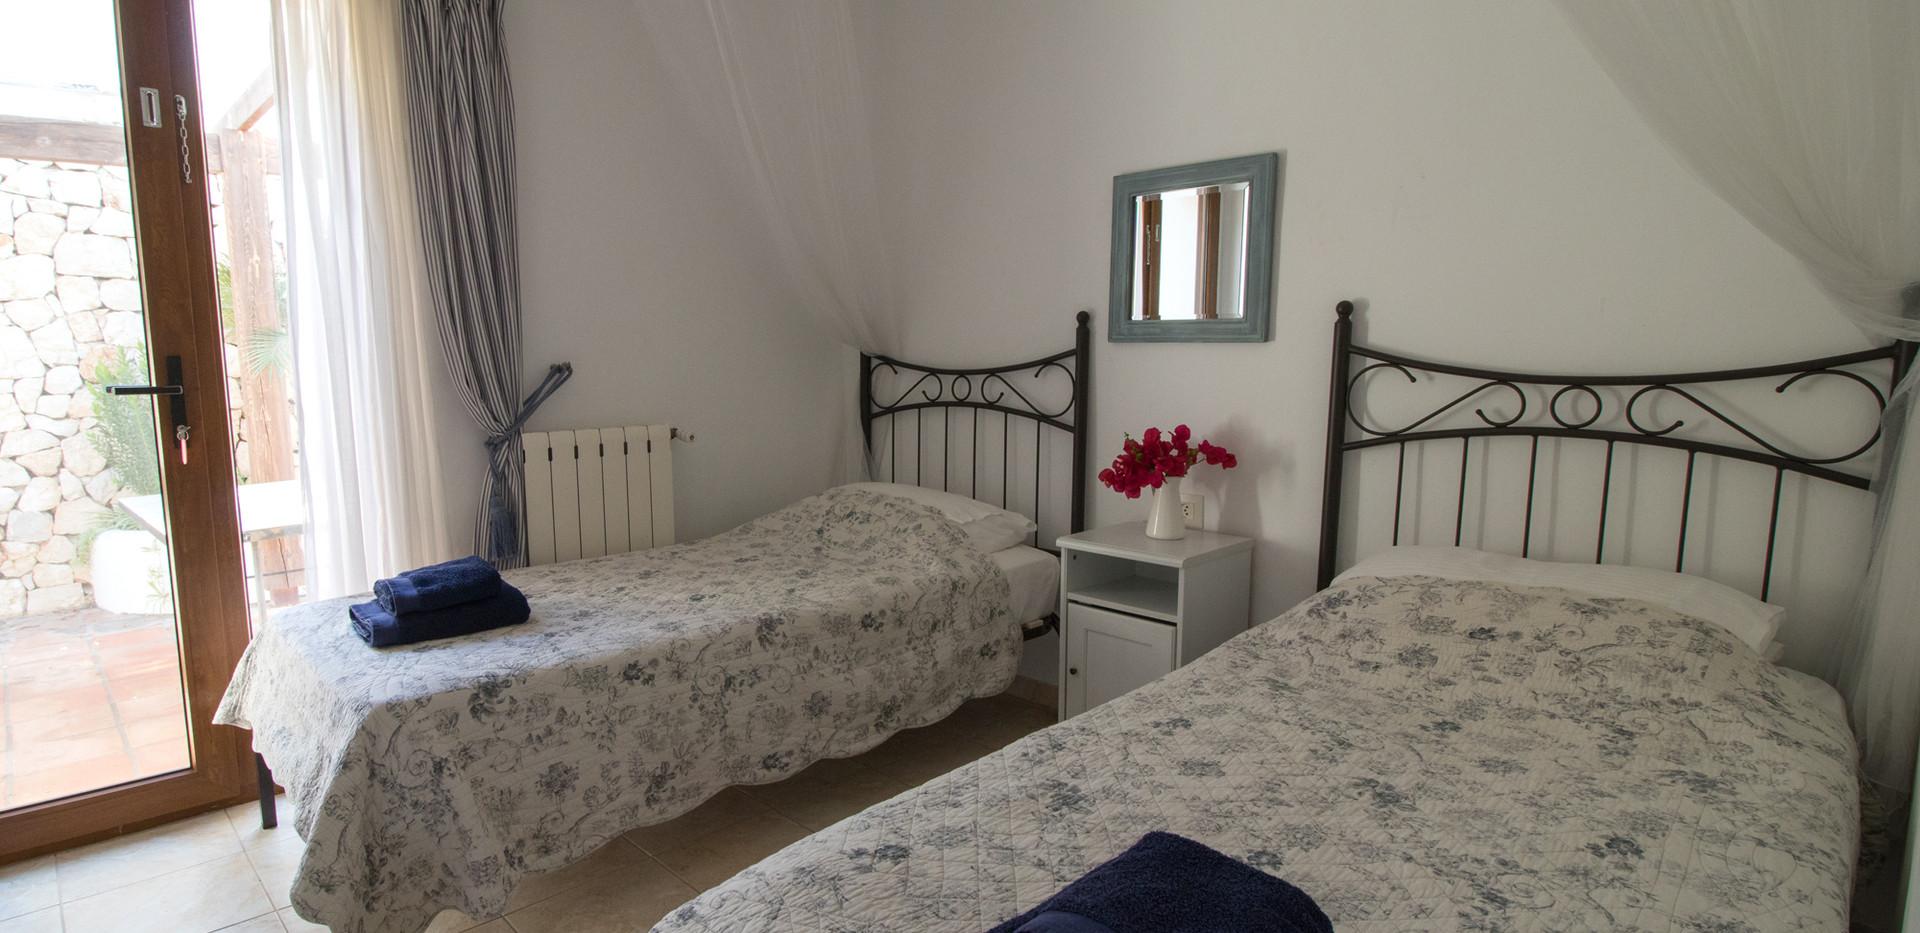 the twin bedroom.jpg